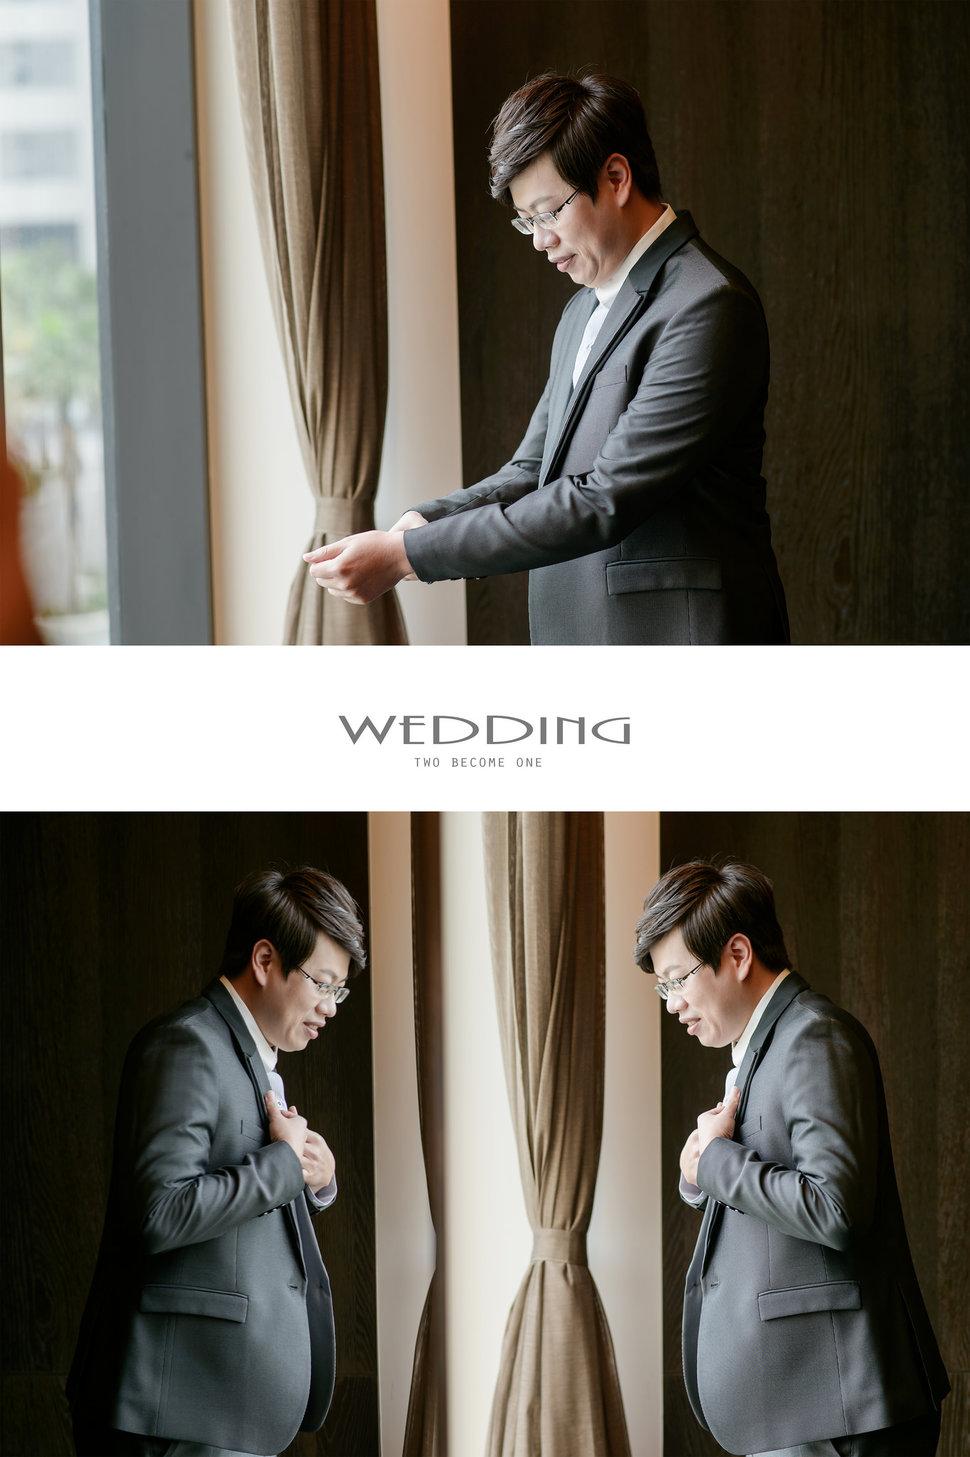 婚禮紀錄精選特輯(編號:423924) - J&E Image Studio - 結婚吧